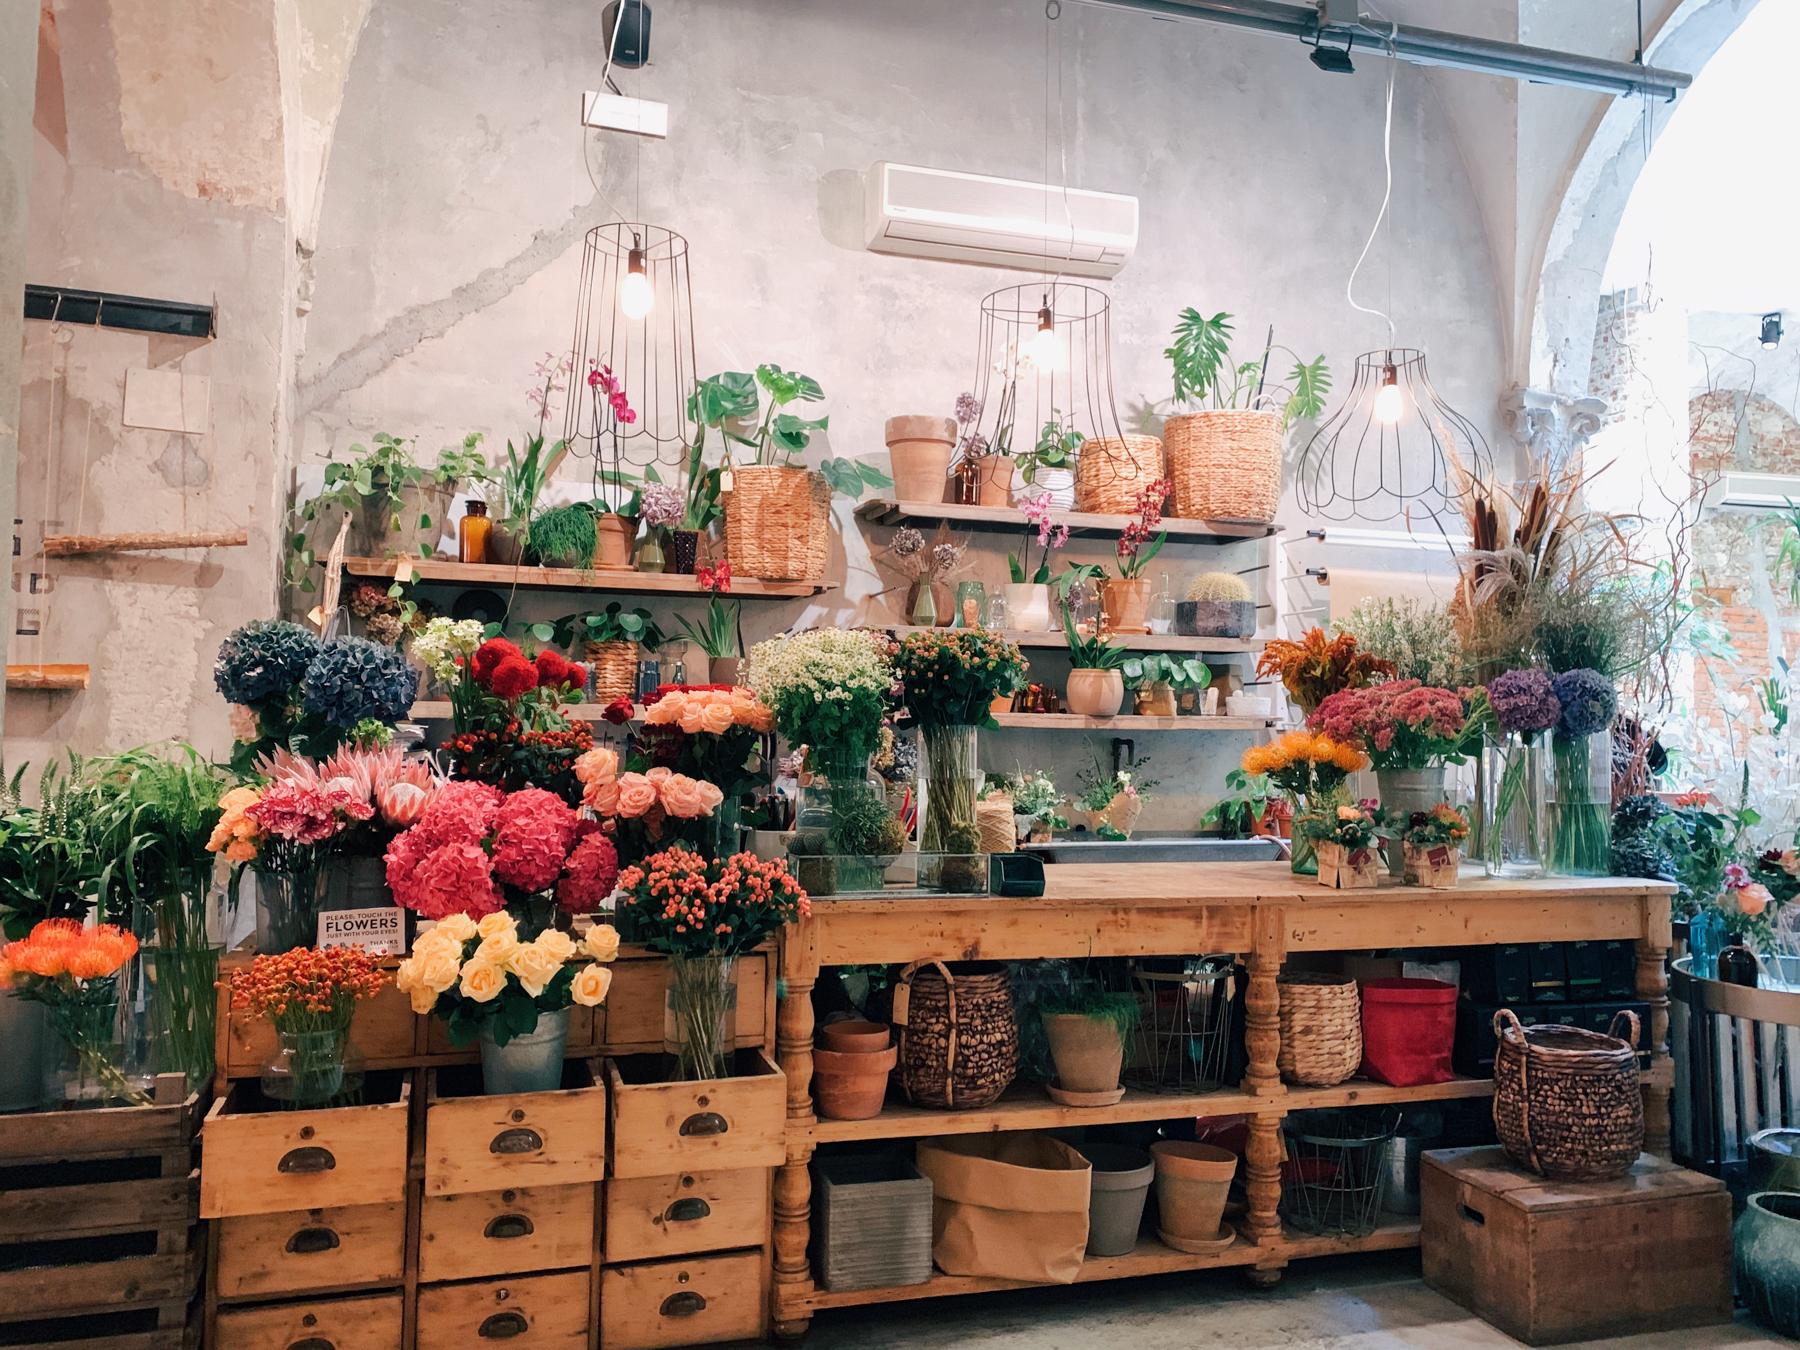 The florist stand inside La Ménagère.